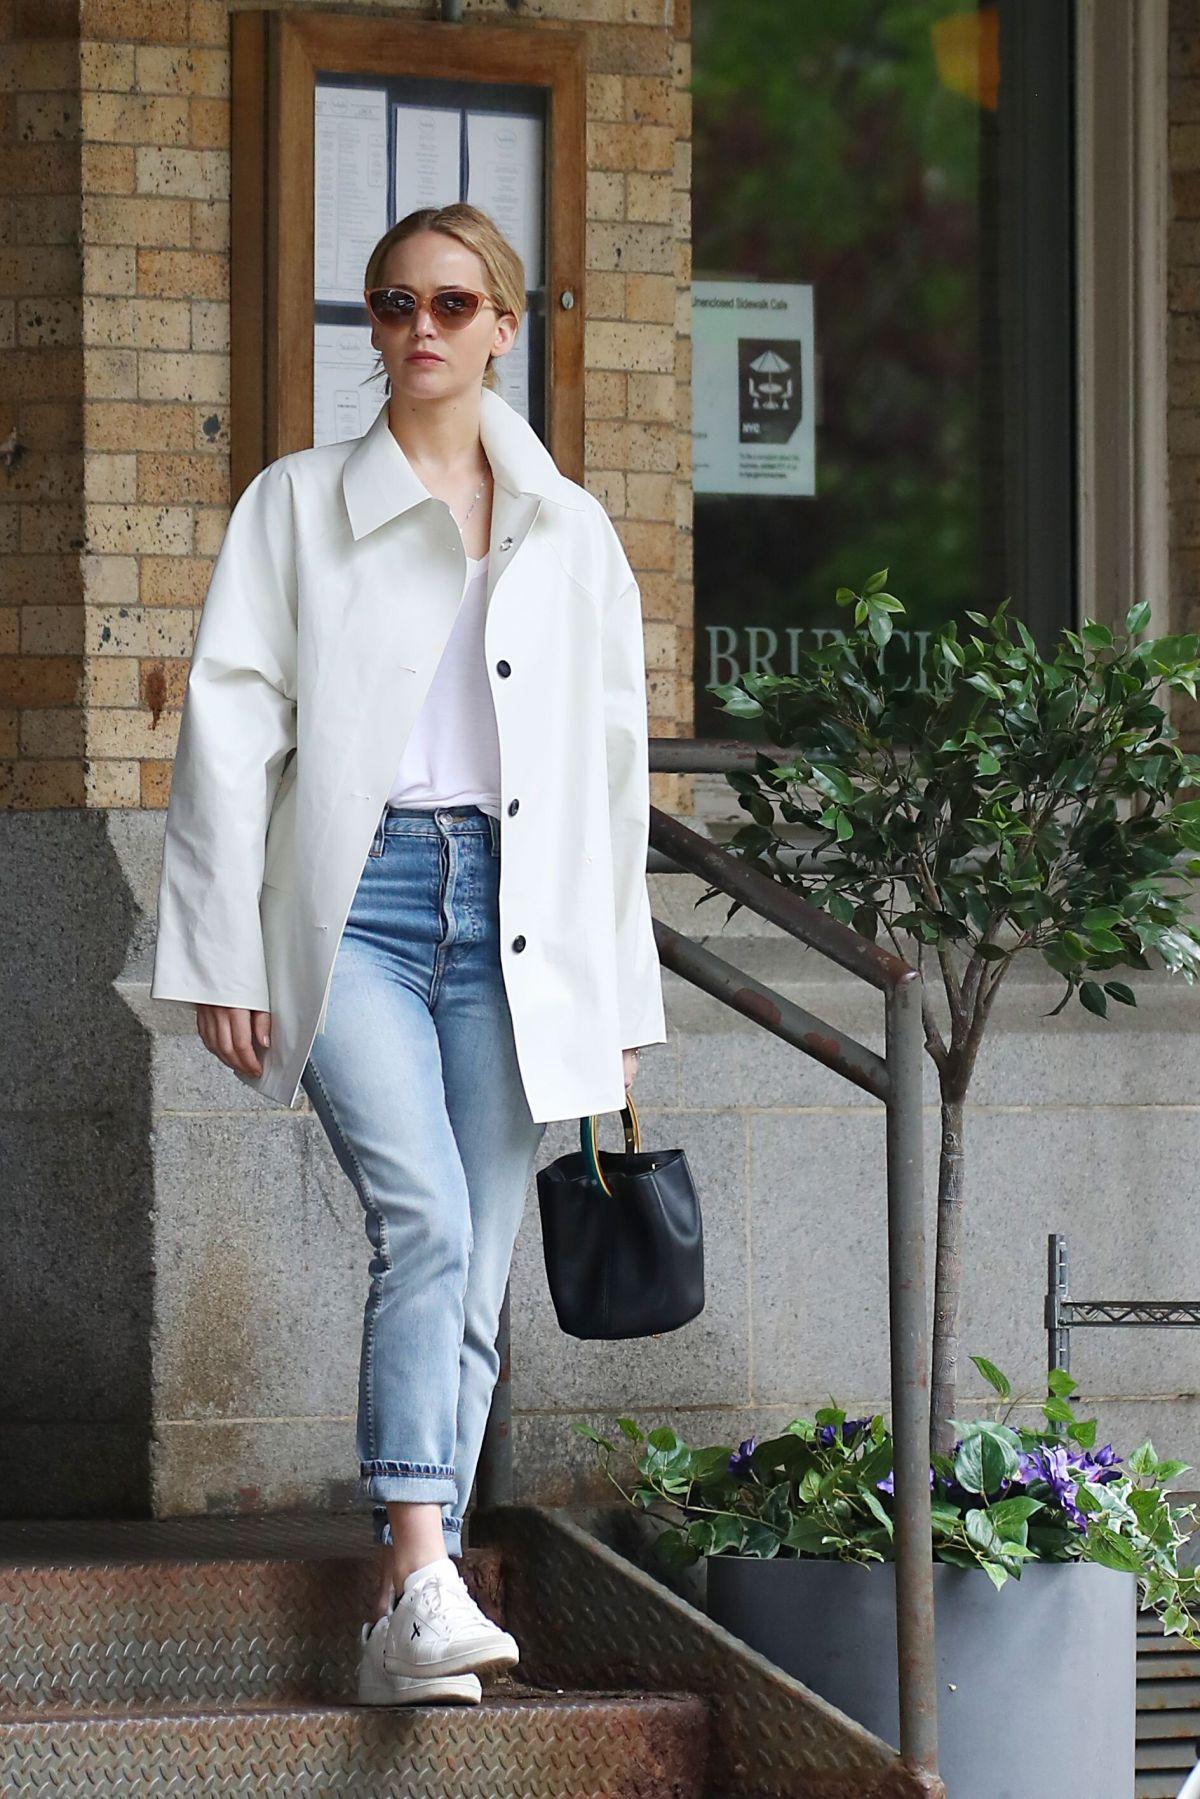 cách phối đồ của Jennifer Lawrence với áo thun trắng và quần jeans